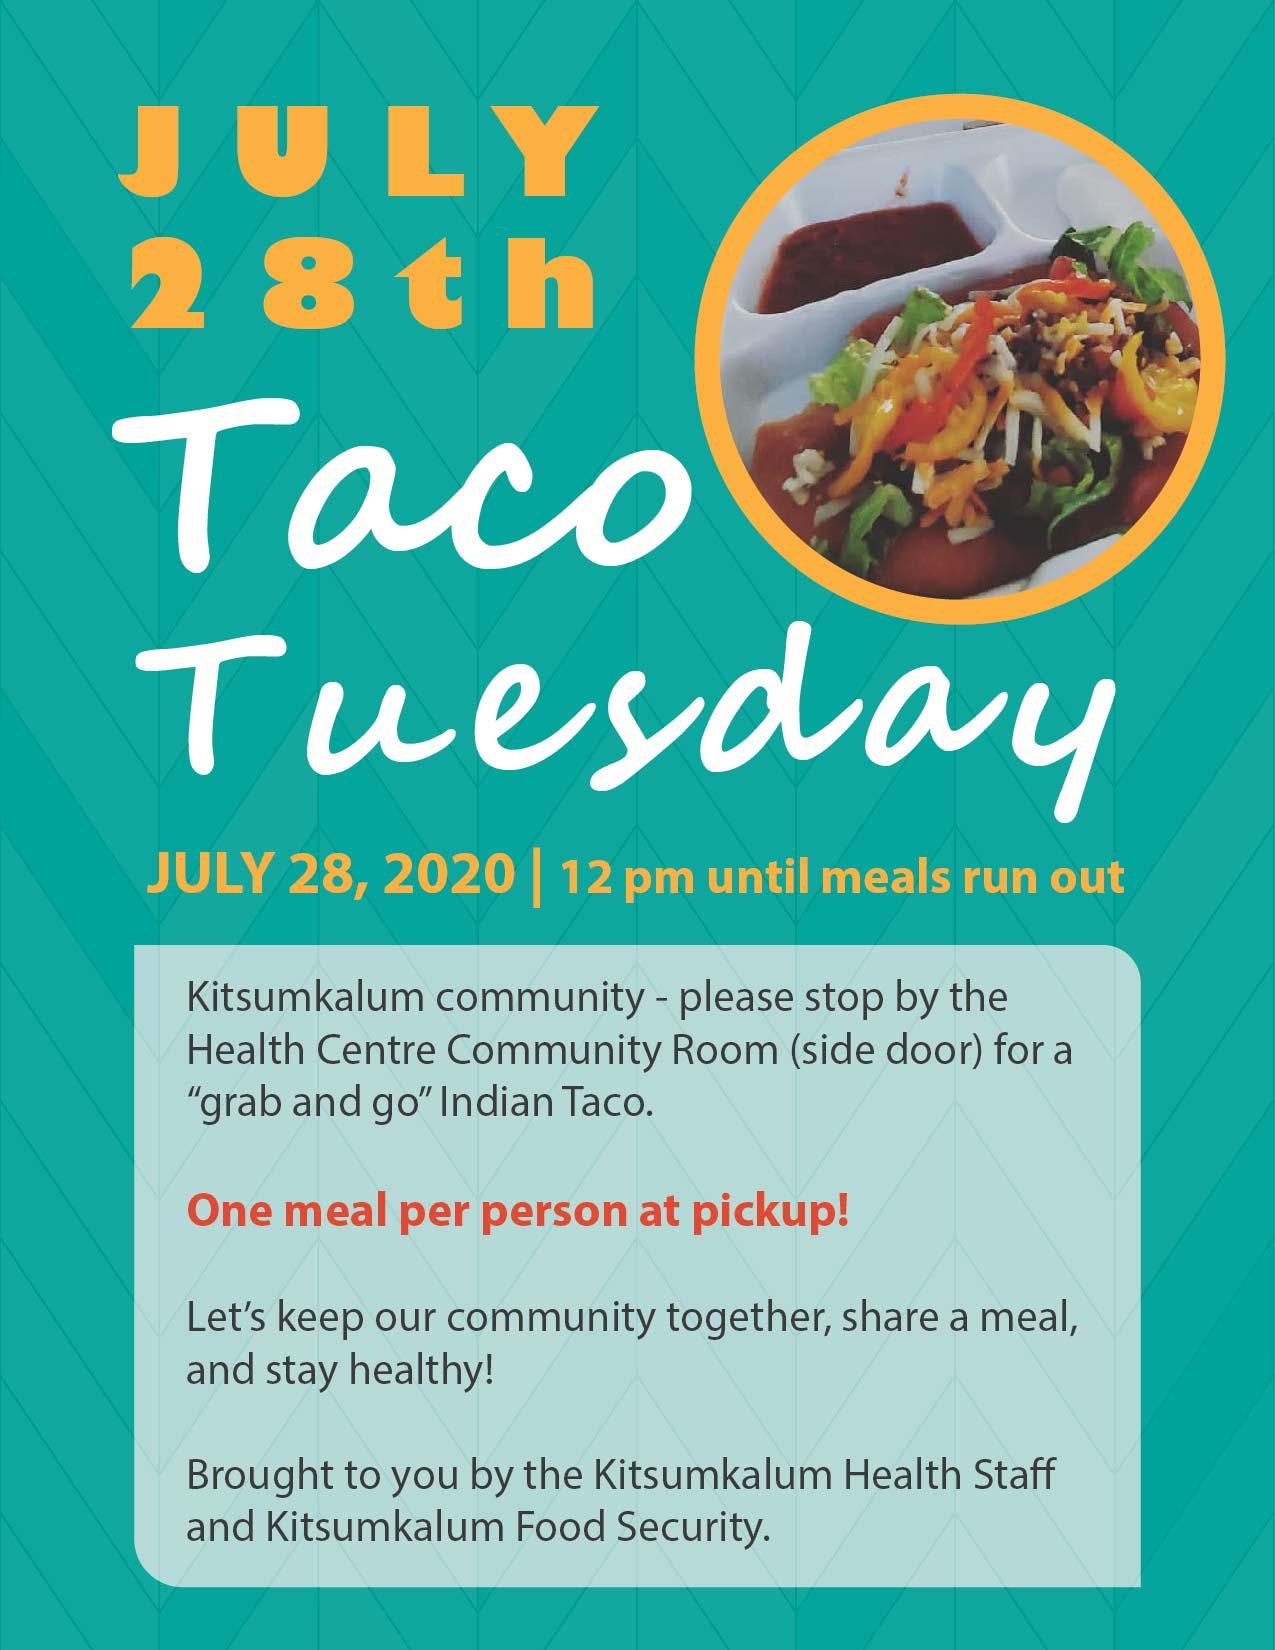 Taco Tuesday JULY 28th